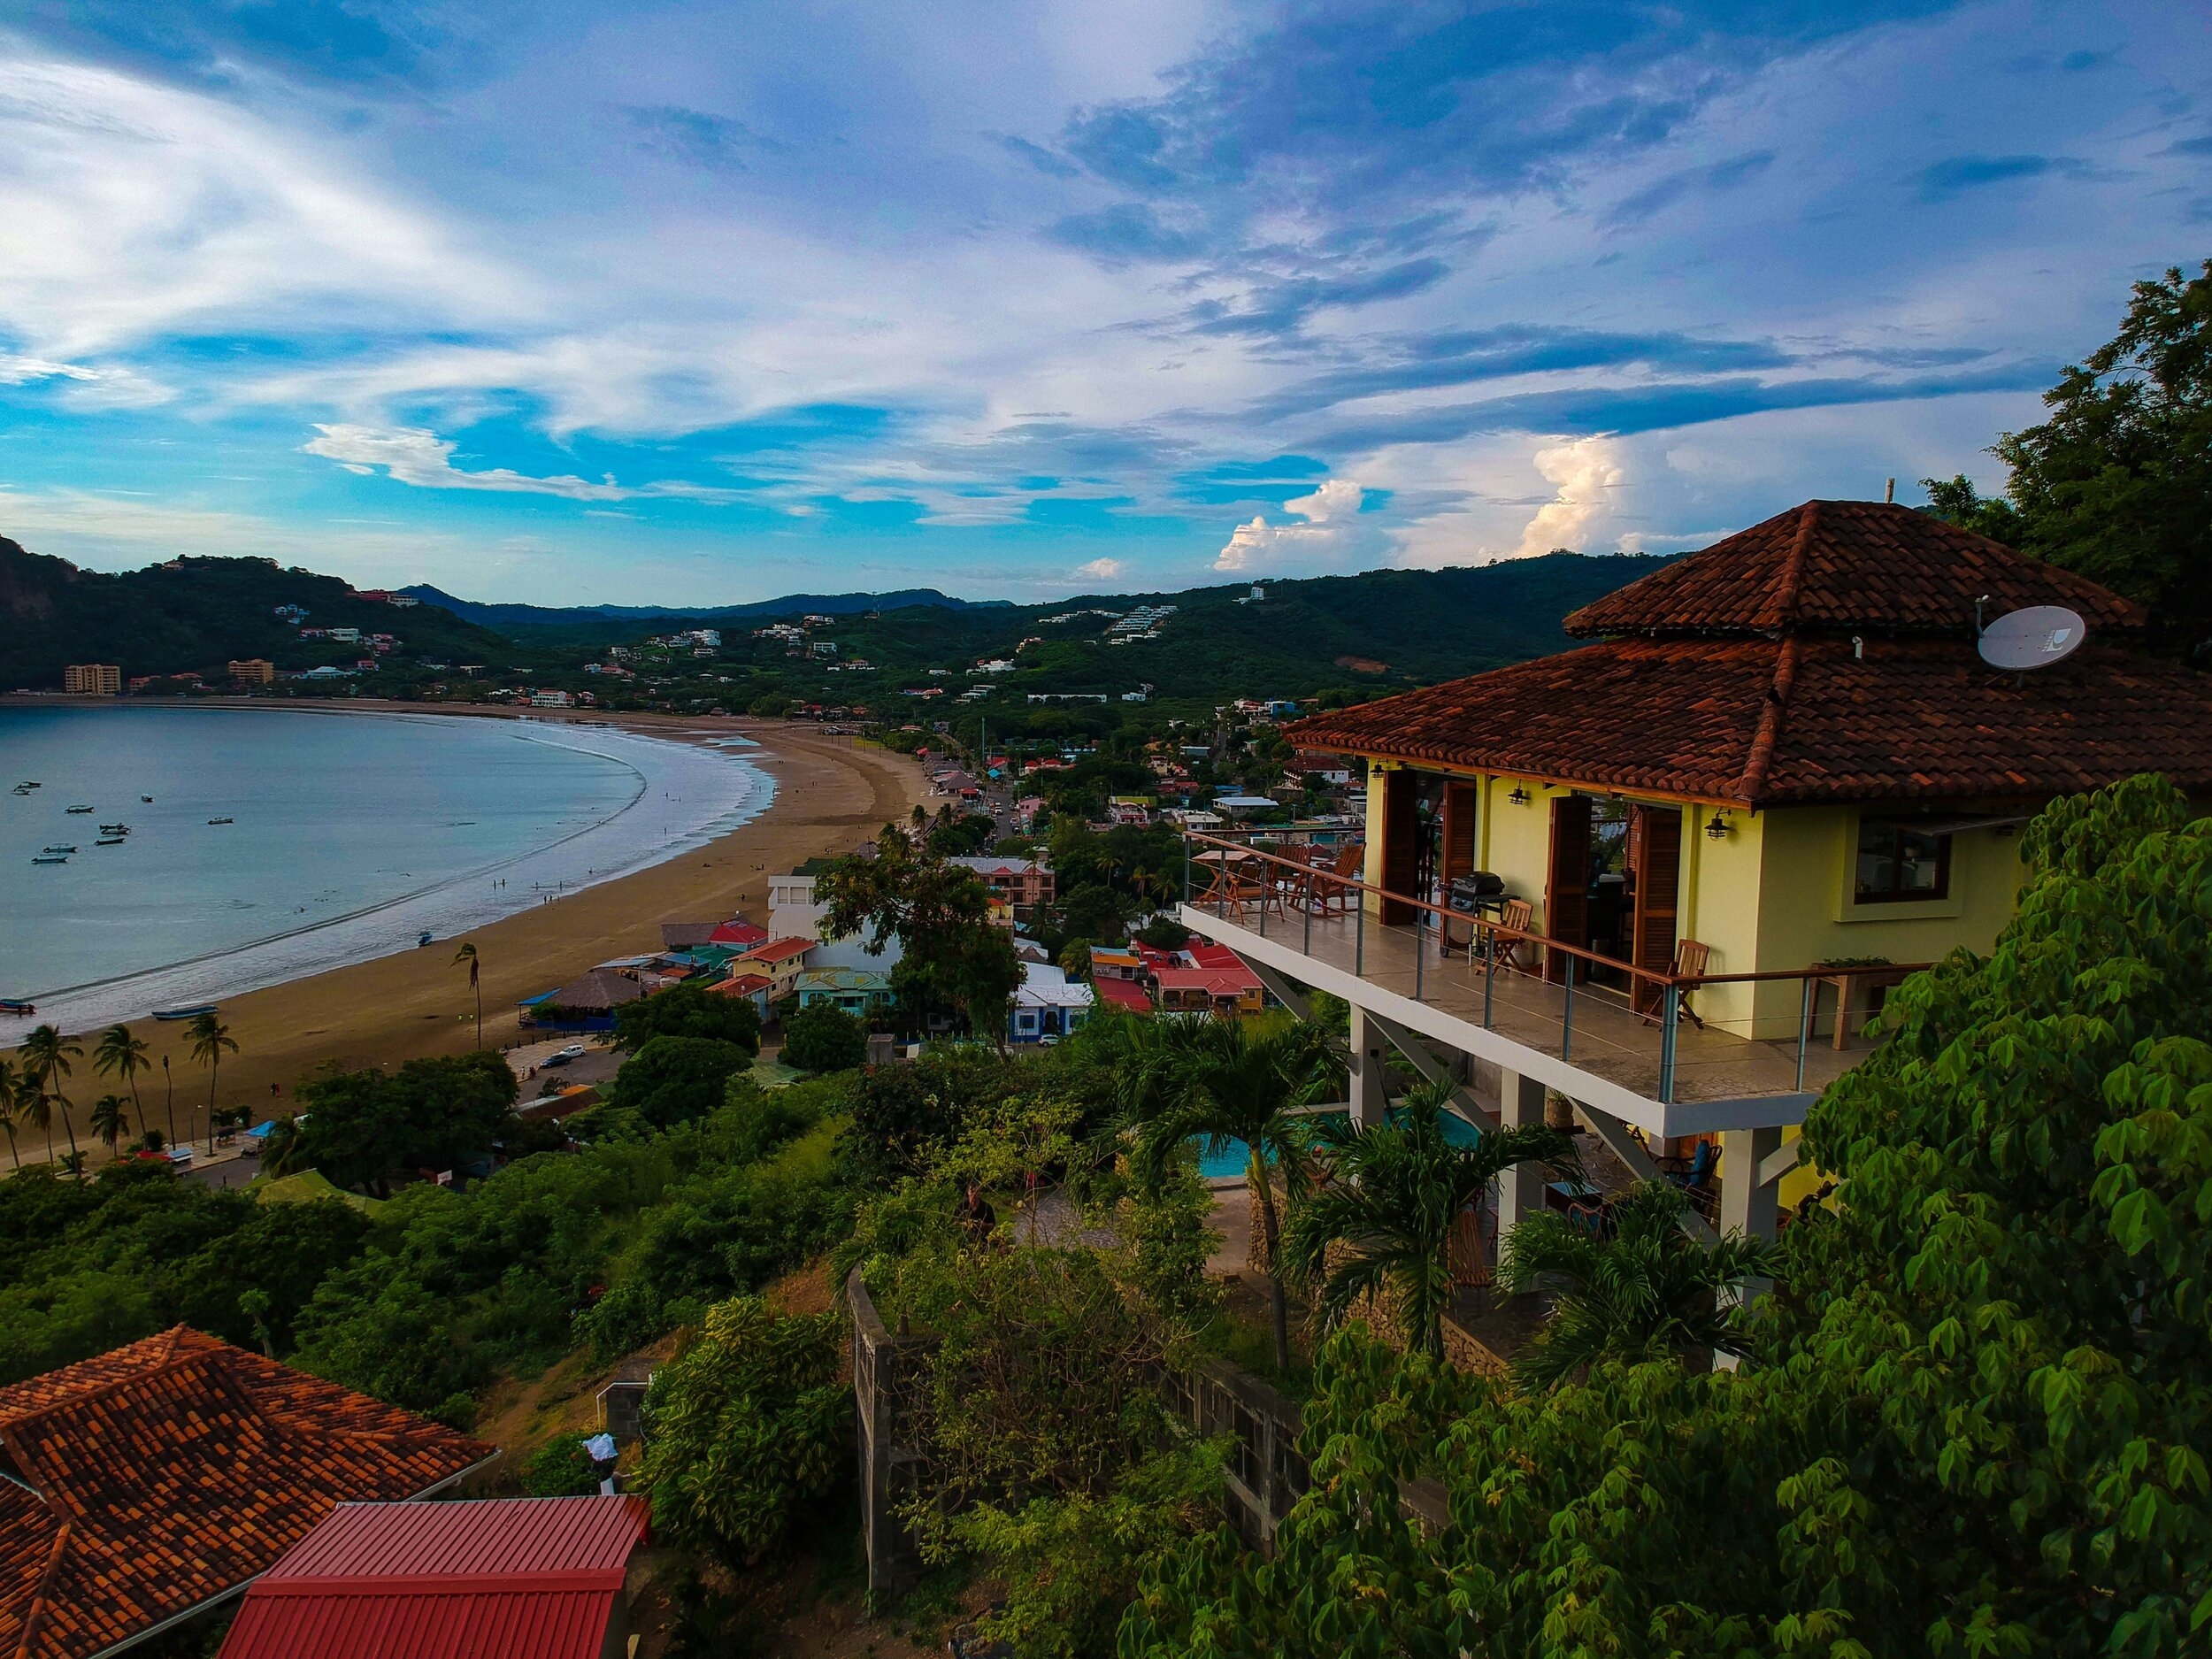 Ocean View Home For Sale San Juan Del Sur 1.JPEG